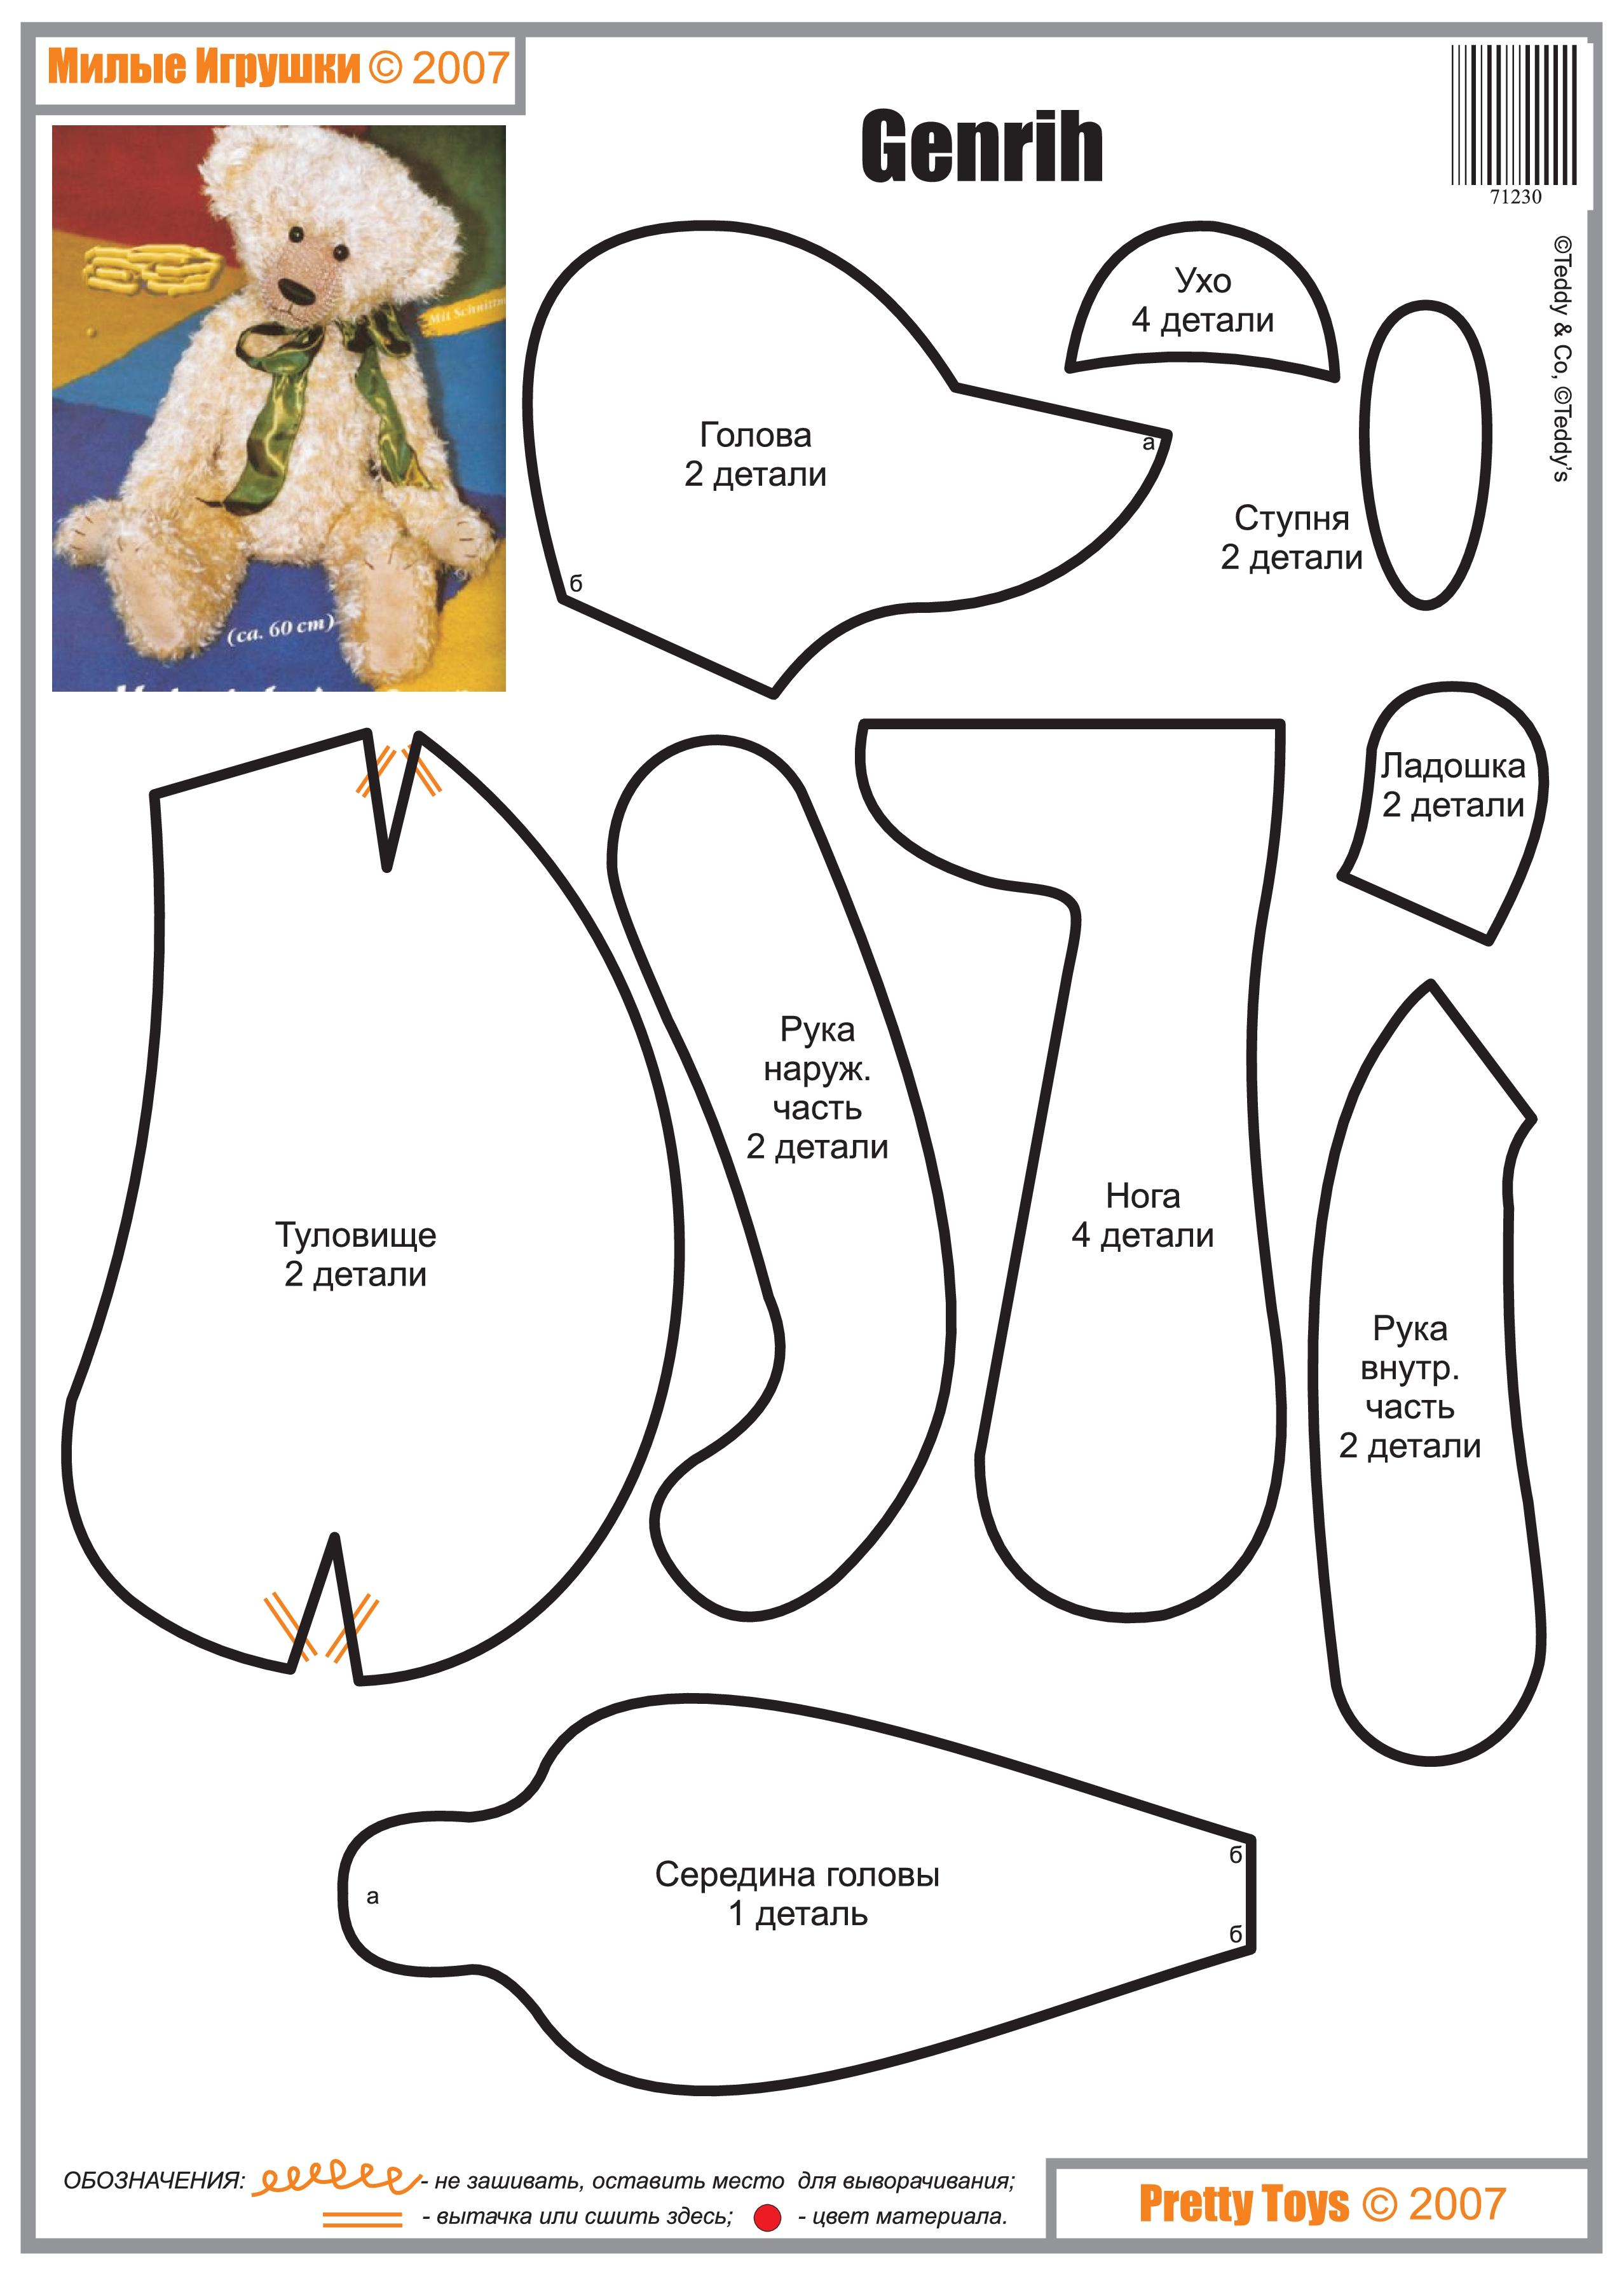 Как сделать талию тонкой и узкой в домашних условиях 10